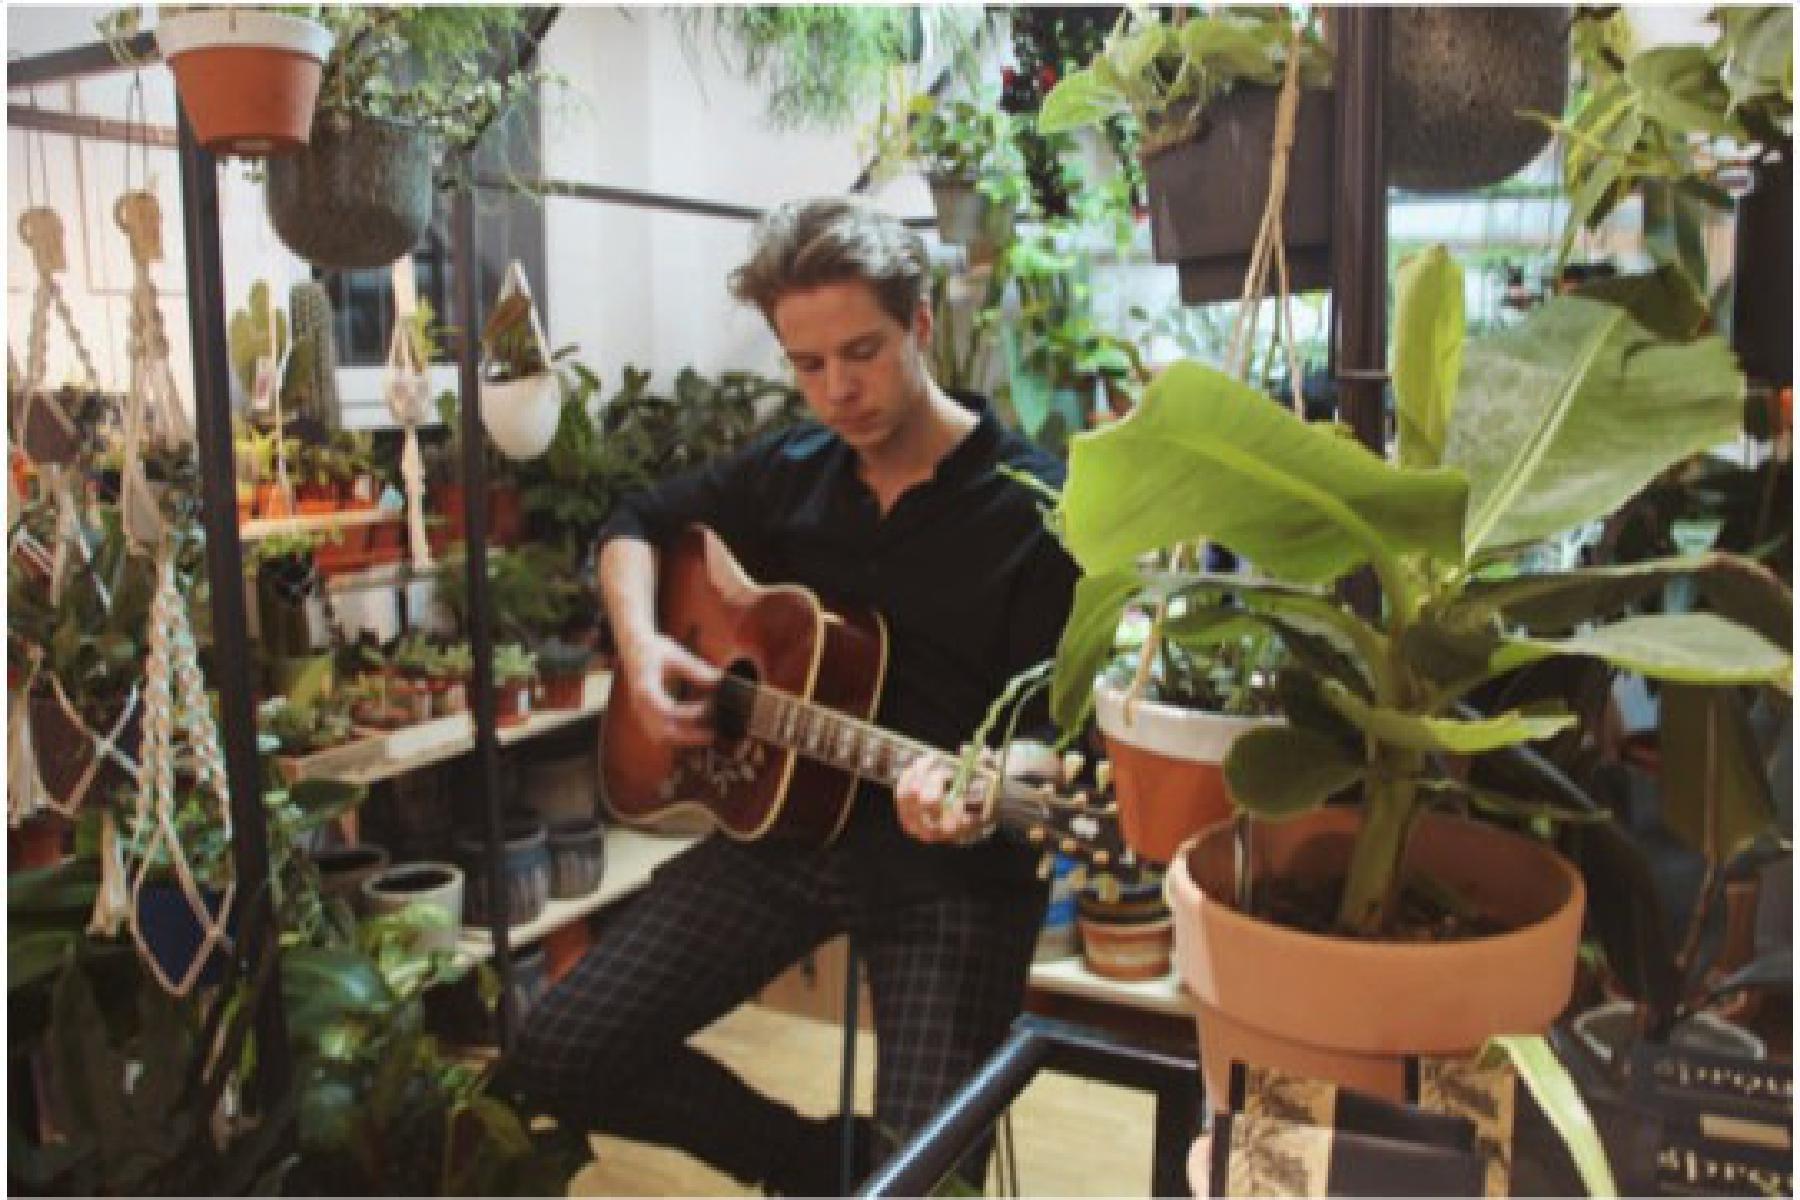 Künstler spielt Konzert umringt von Pflanzen